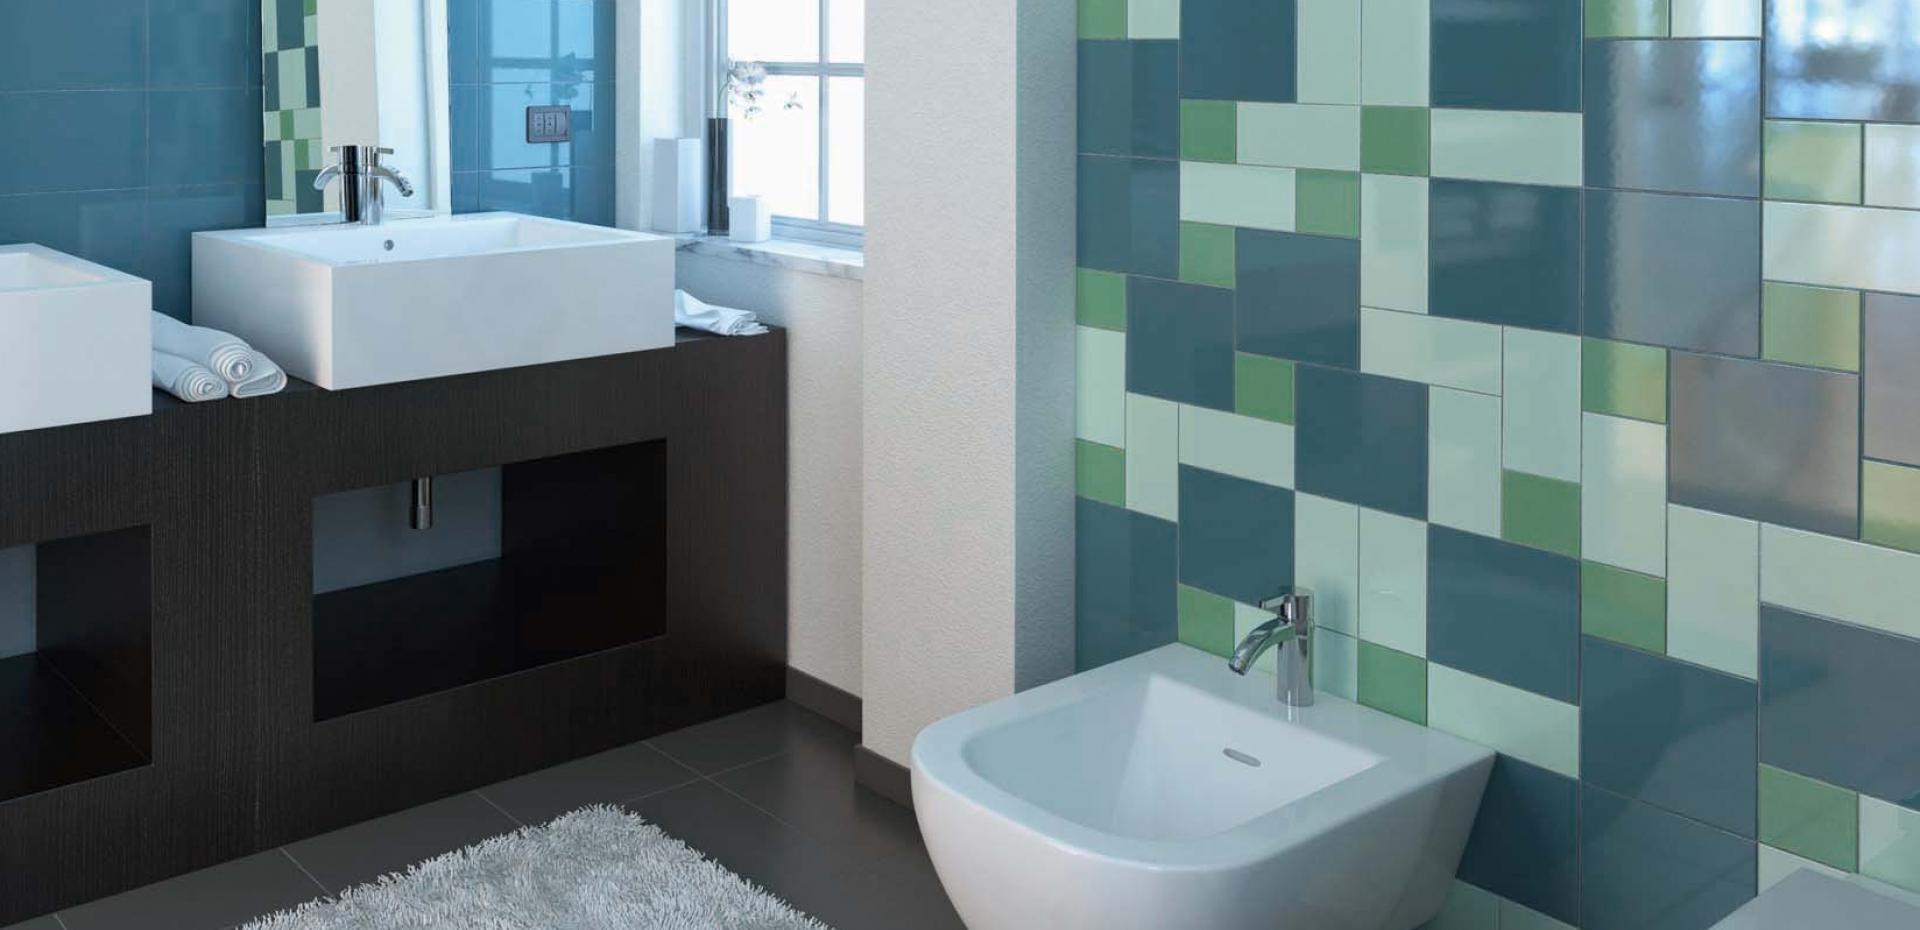 Piastrelle Bagno Turchese : Bagno bianco e turchese bagno in bianco e nero cerlovers design